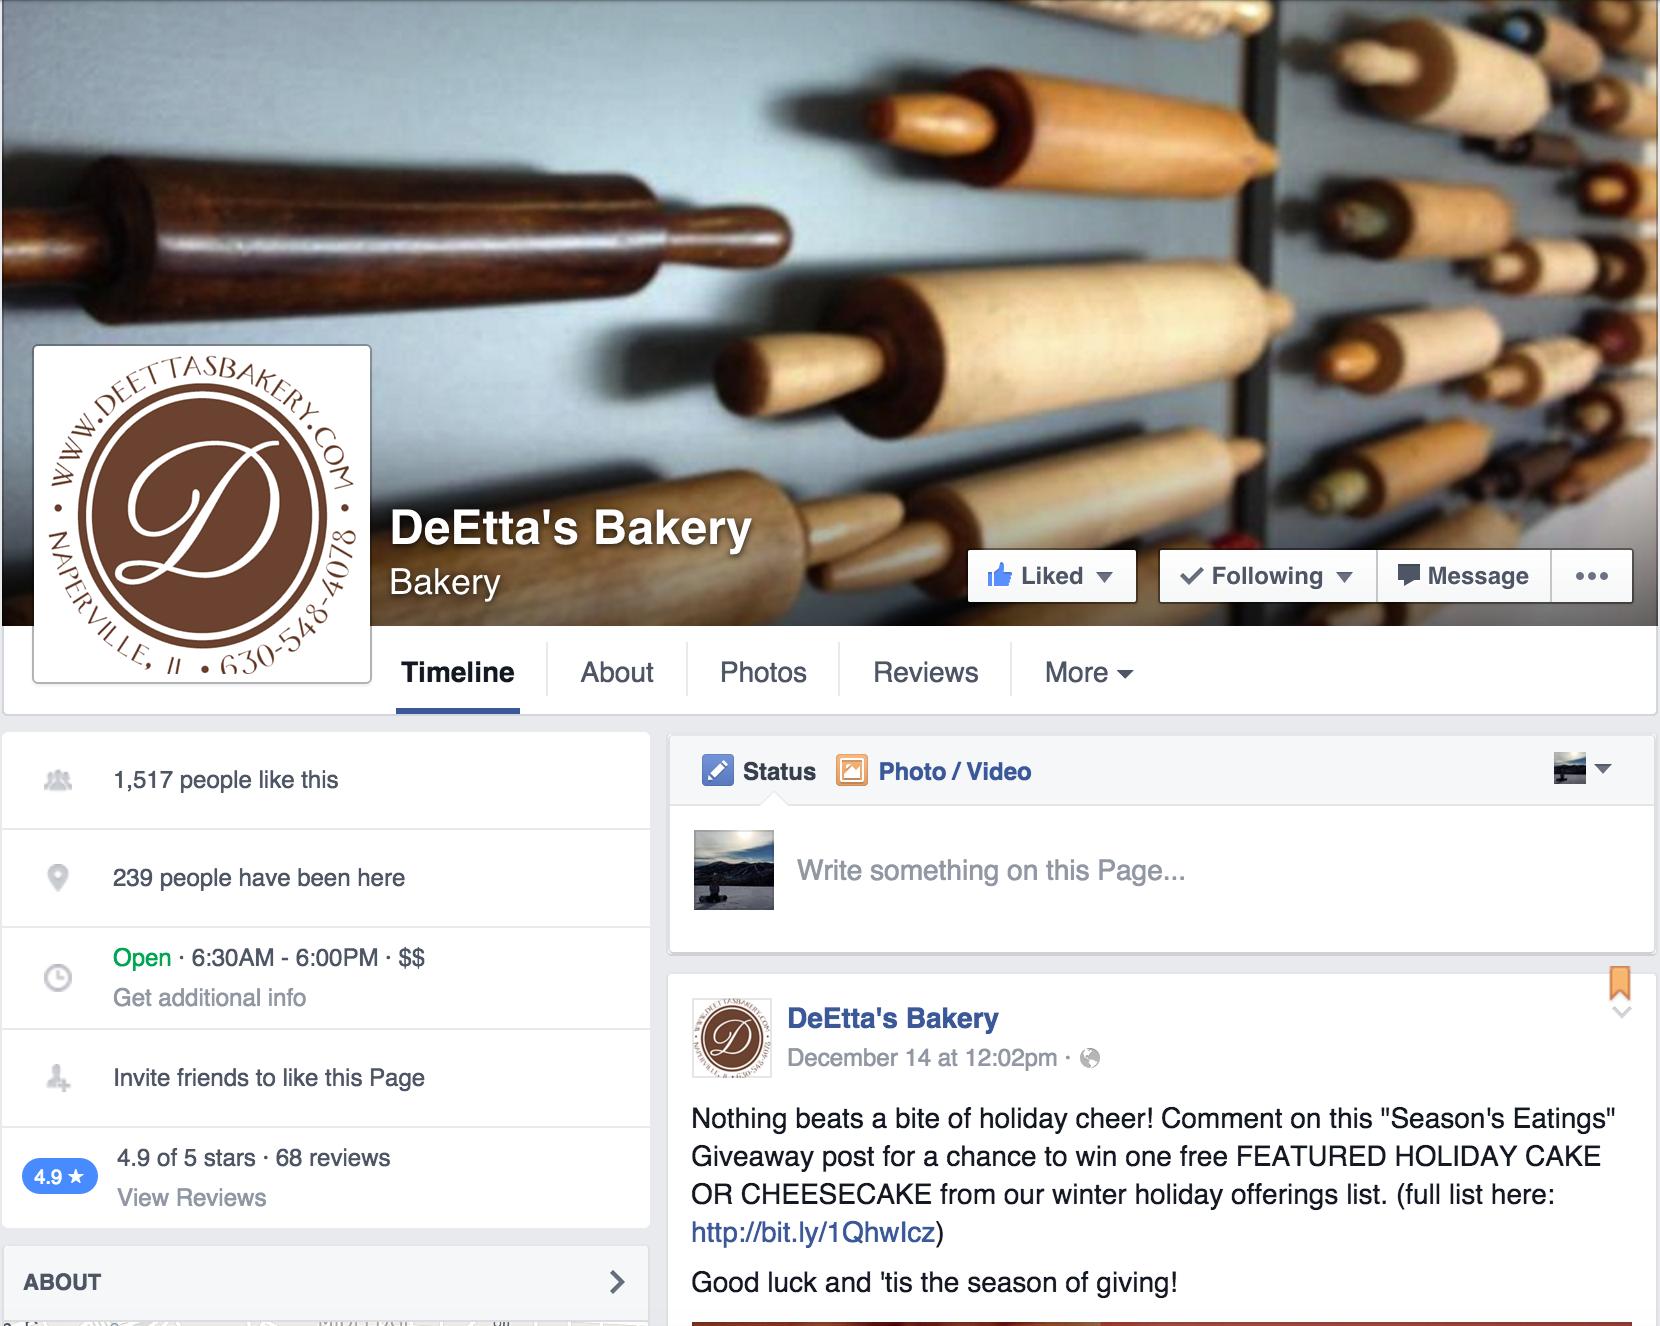 DeEtta's Facebook